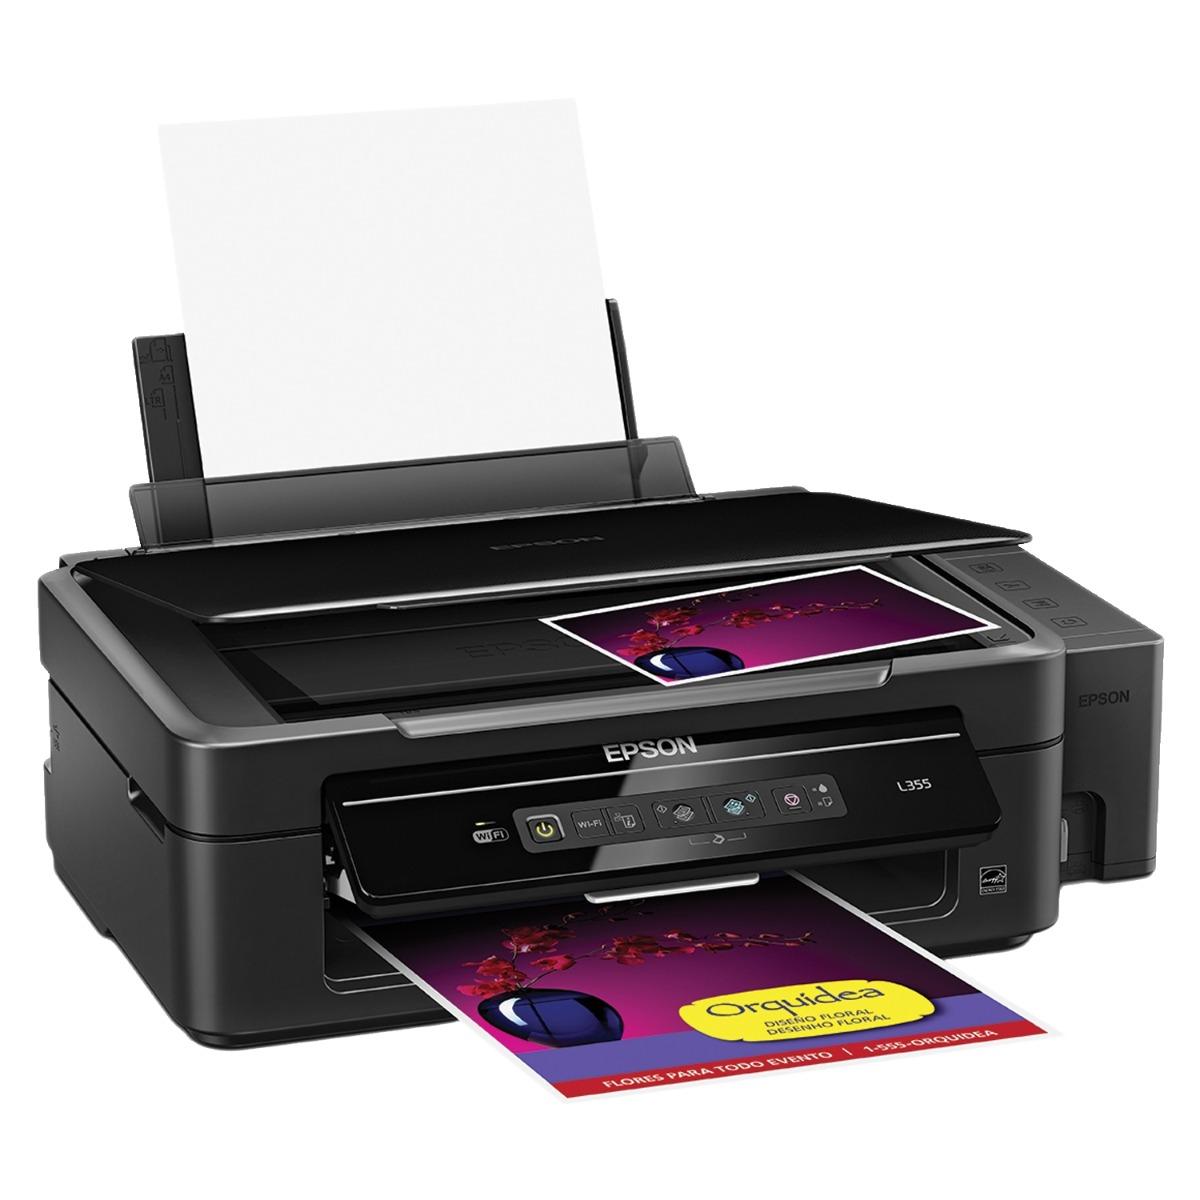 скачать драйвер для epson c86 принтер